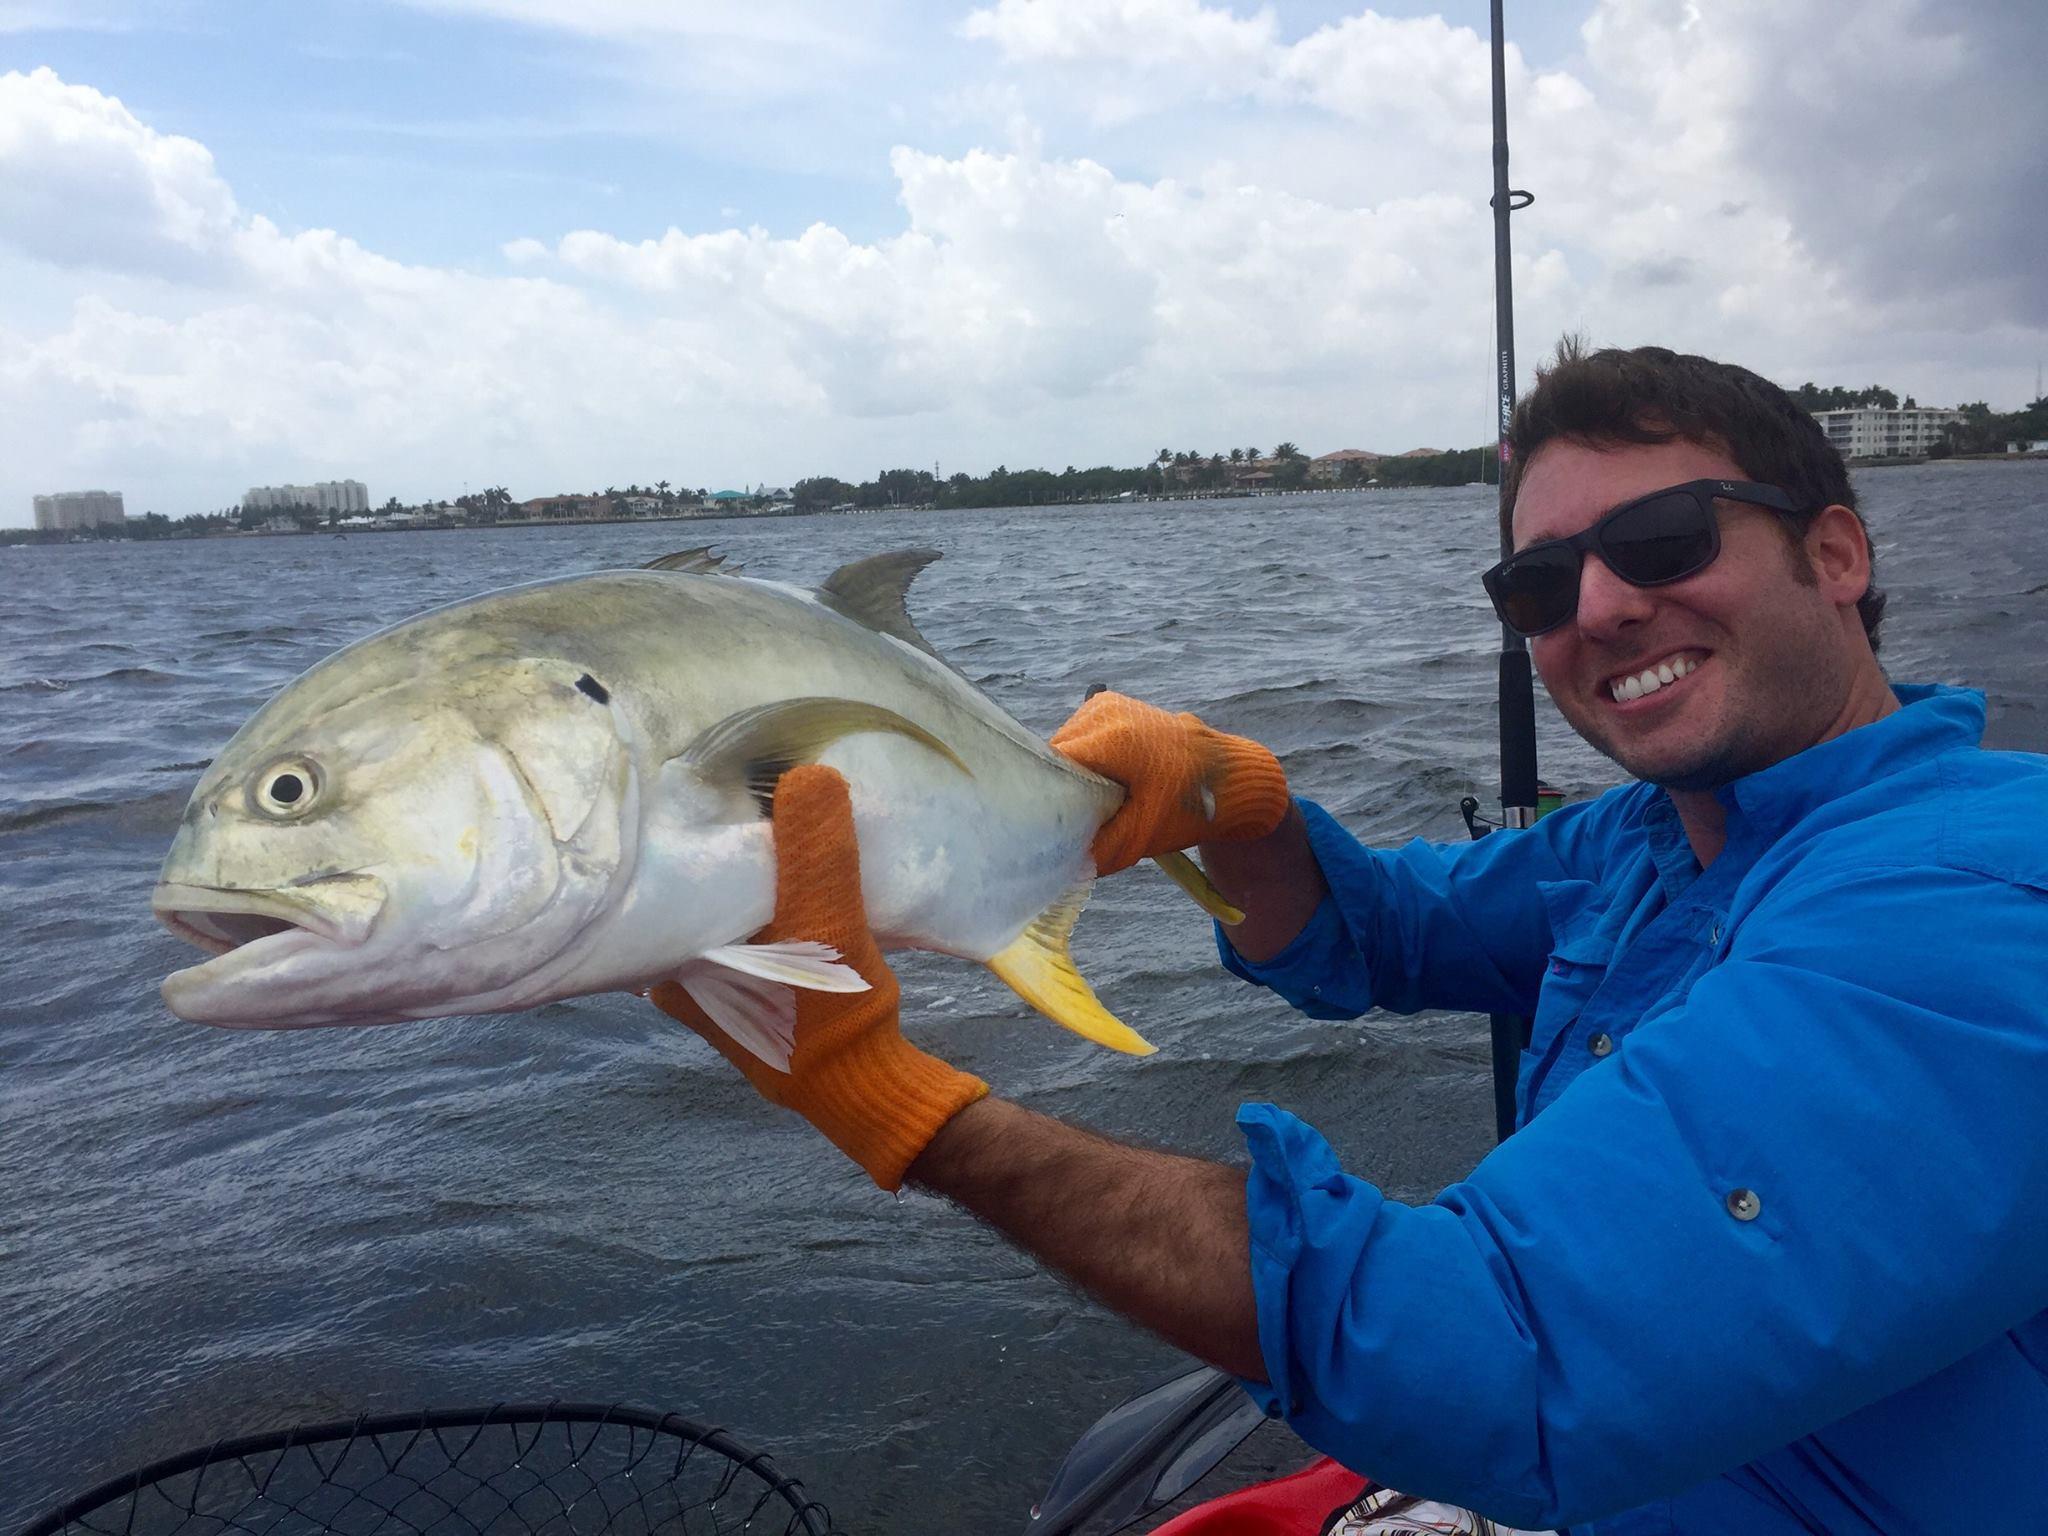 Michael brevda landed this jack from his hobie kayak near for Boynton beach fishing